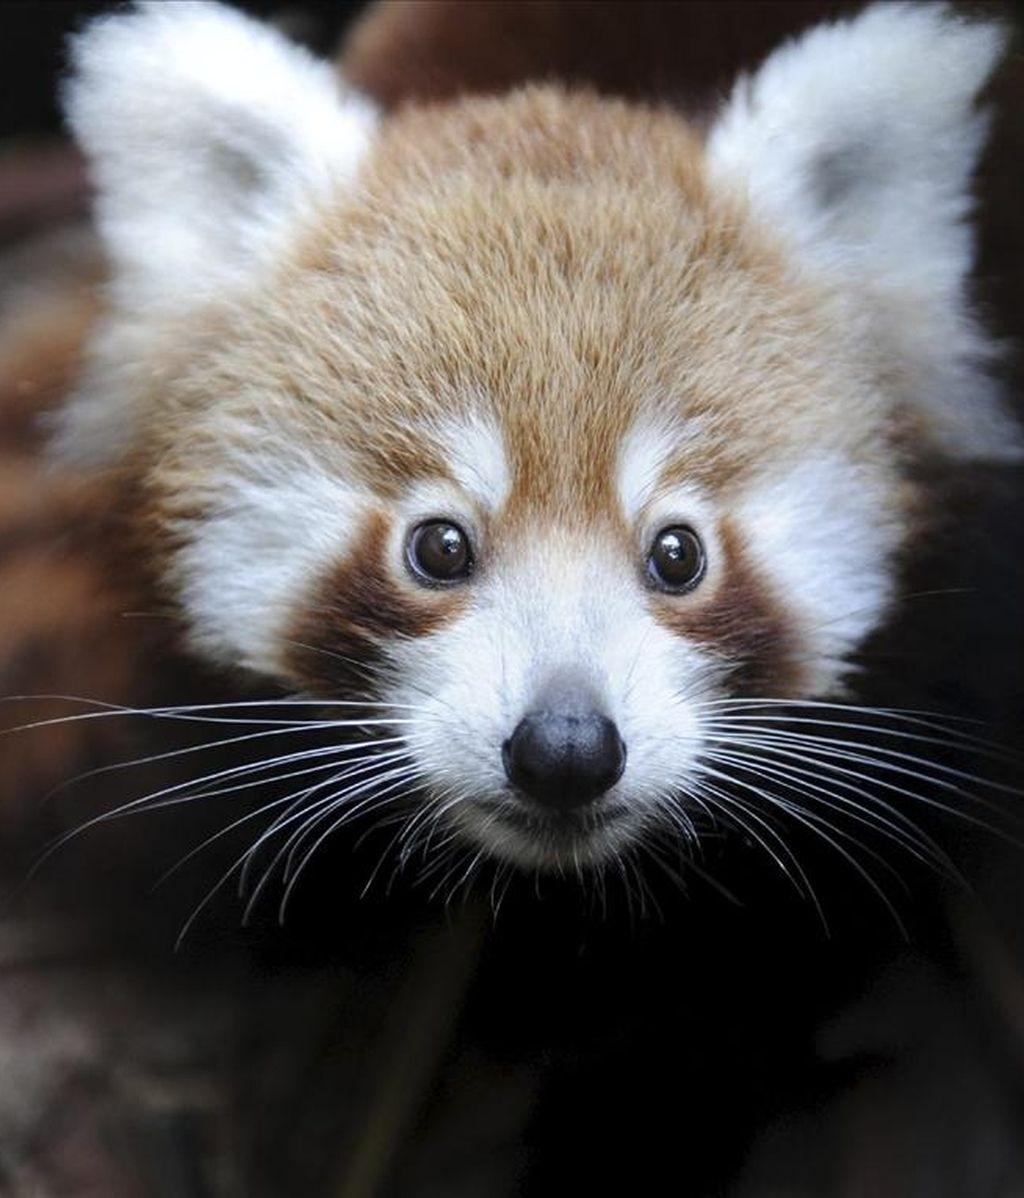 Seba, un panda rojo de cuatro meses, ha sido presentado hoy al público en el zoológico Taronga de Sídney. El bebé, cuya especie ha sido incluida en la lista mundial de animales vulnerables, nació el pasado mes de diciembre y ha vivido desde entones sin separarse de su madre. EFE/Peter Hardin